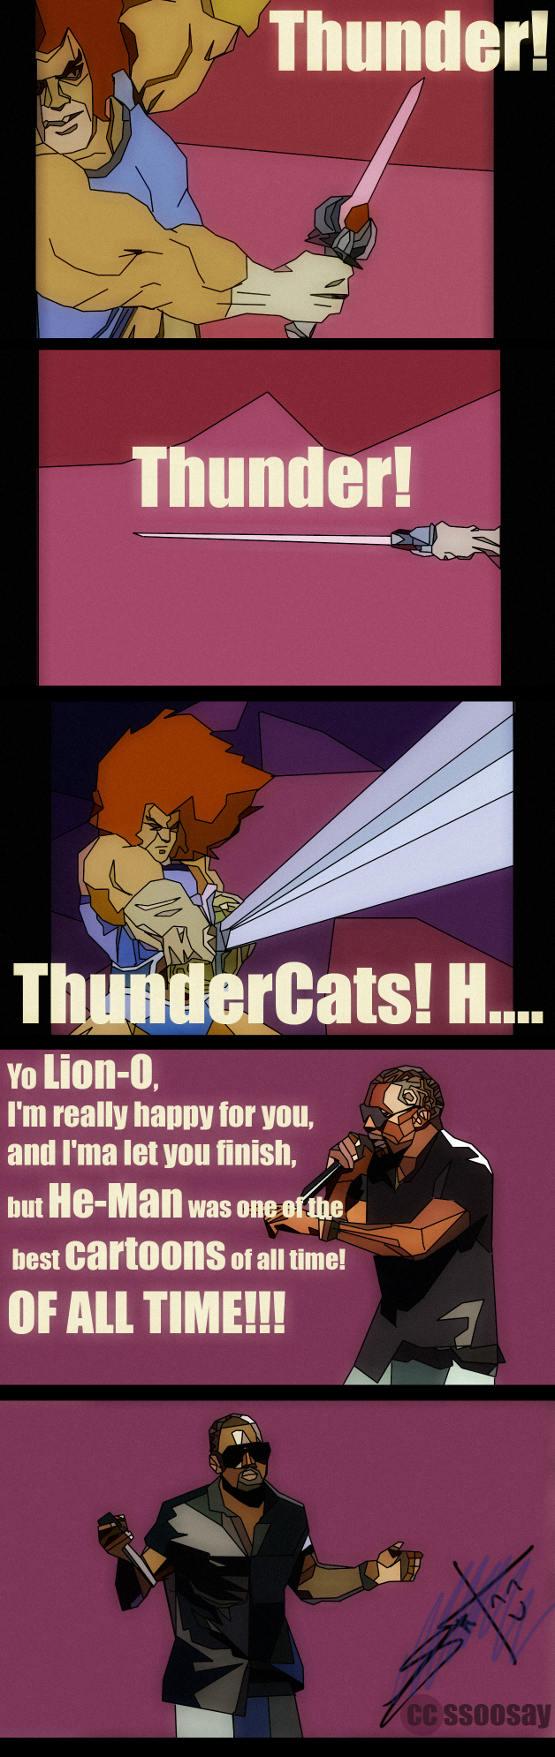 Kanye-thundercats